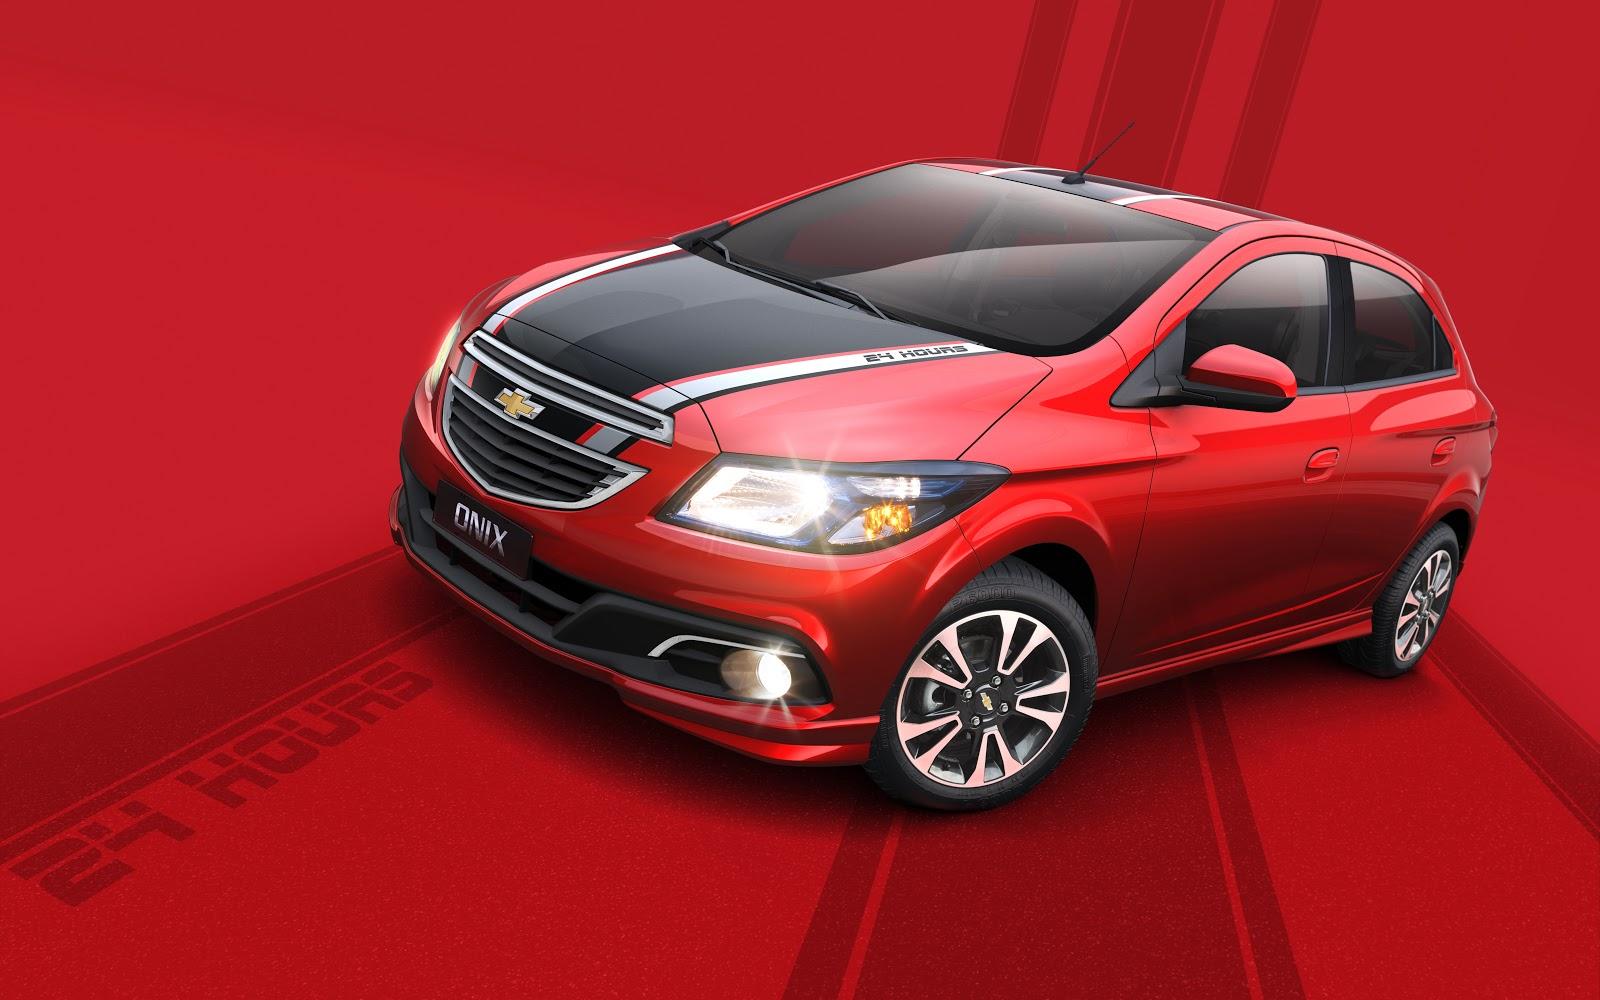 S P E E D C A L  Chevrolet apresenta seu novo best-seller  o Onix d717945b2d1ec